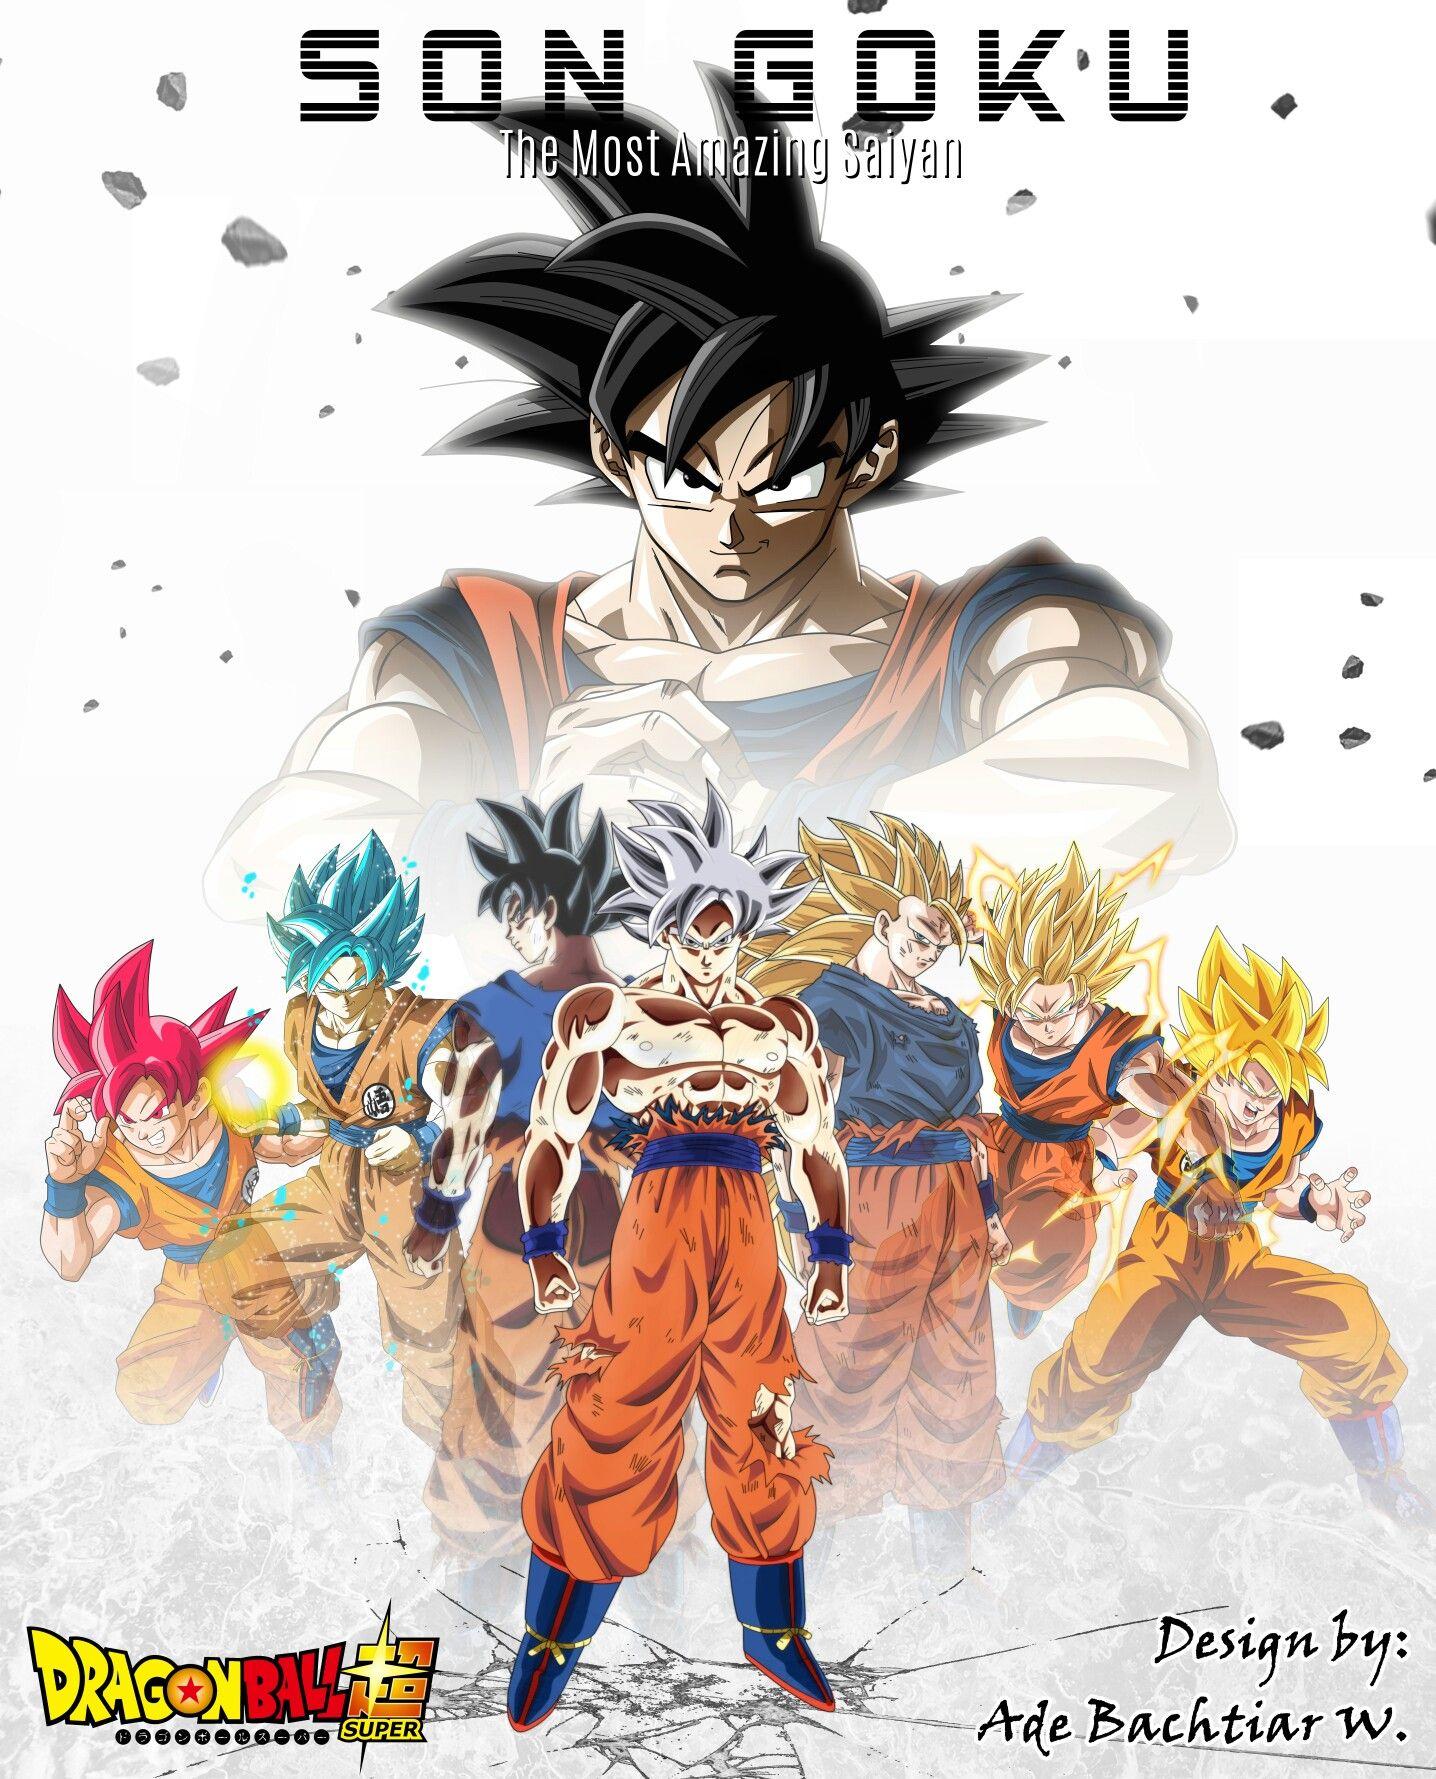 Pin By Heetal Parashar On Goku Anime Dragon Ball Super Anime Dragon Ball Anime Dragon Ball Goku